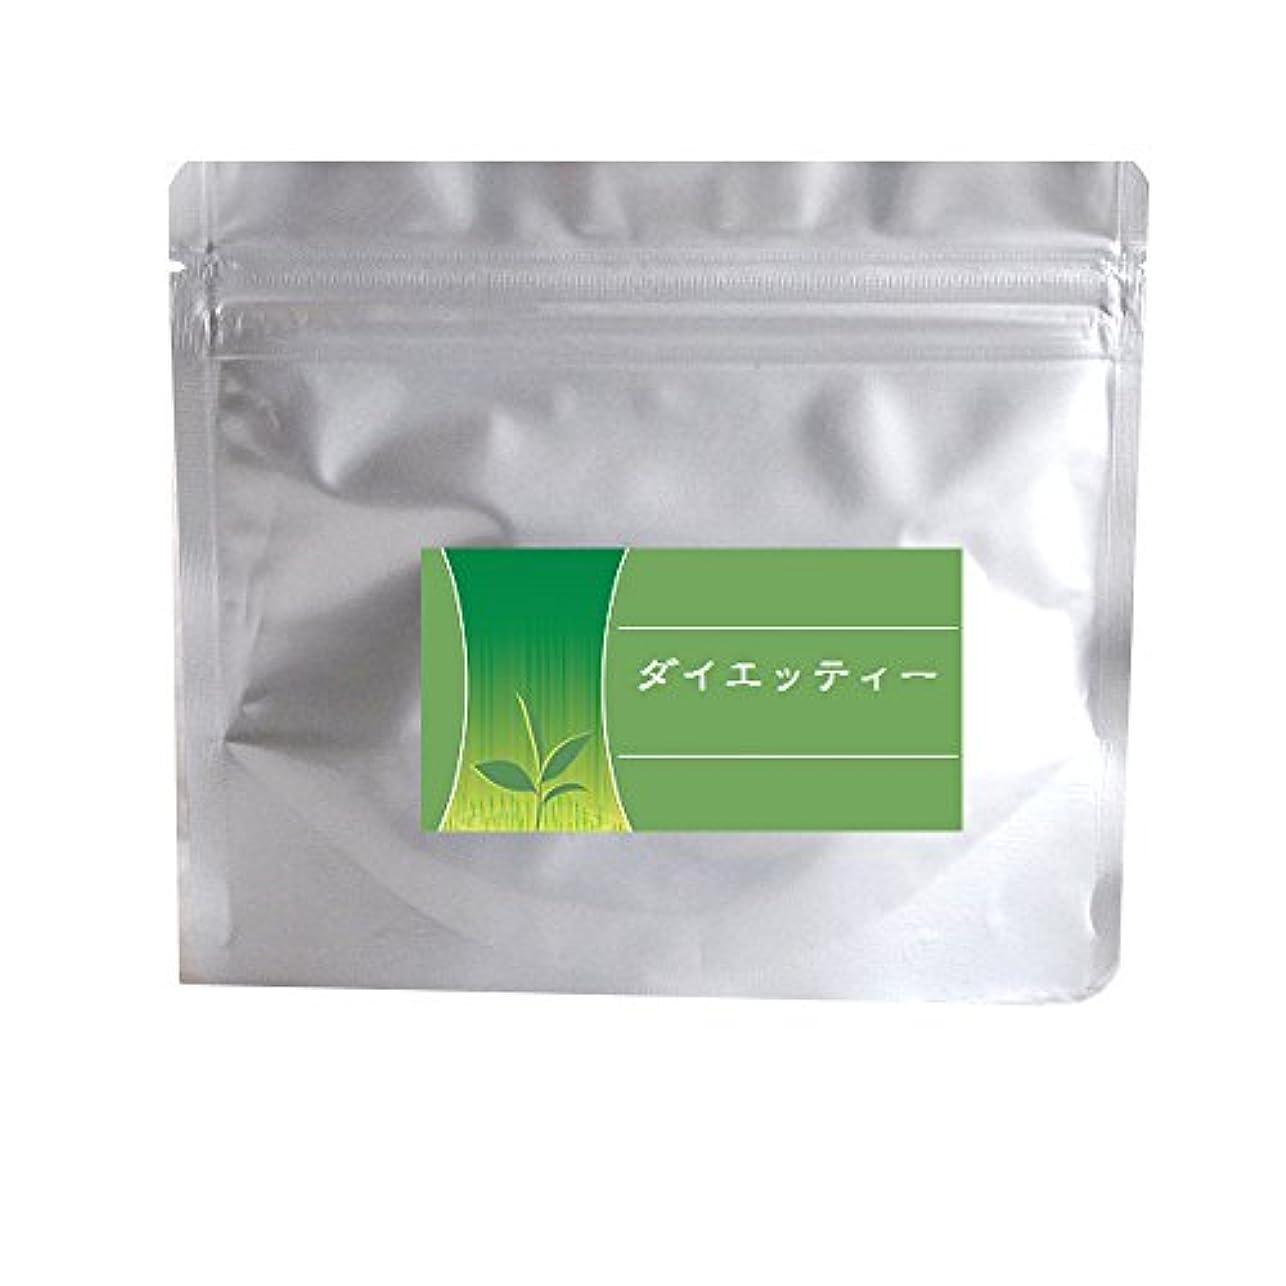 物思いにふけるフラスコレコーダーダイエット茶 ダイエッティー70g